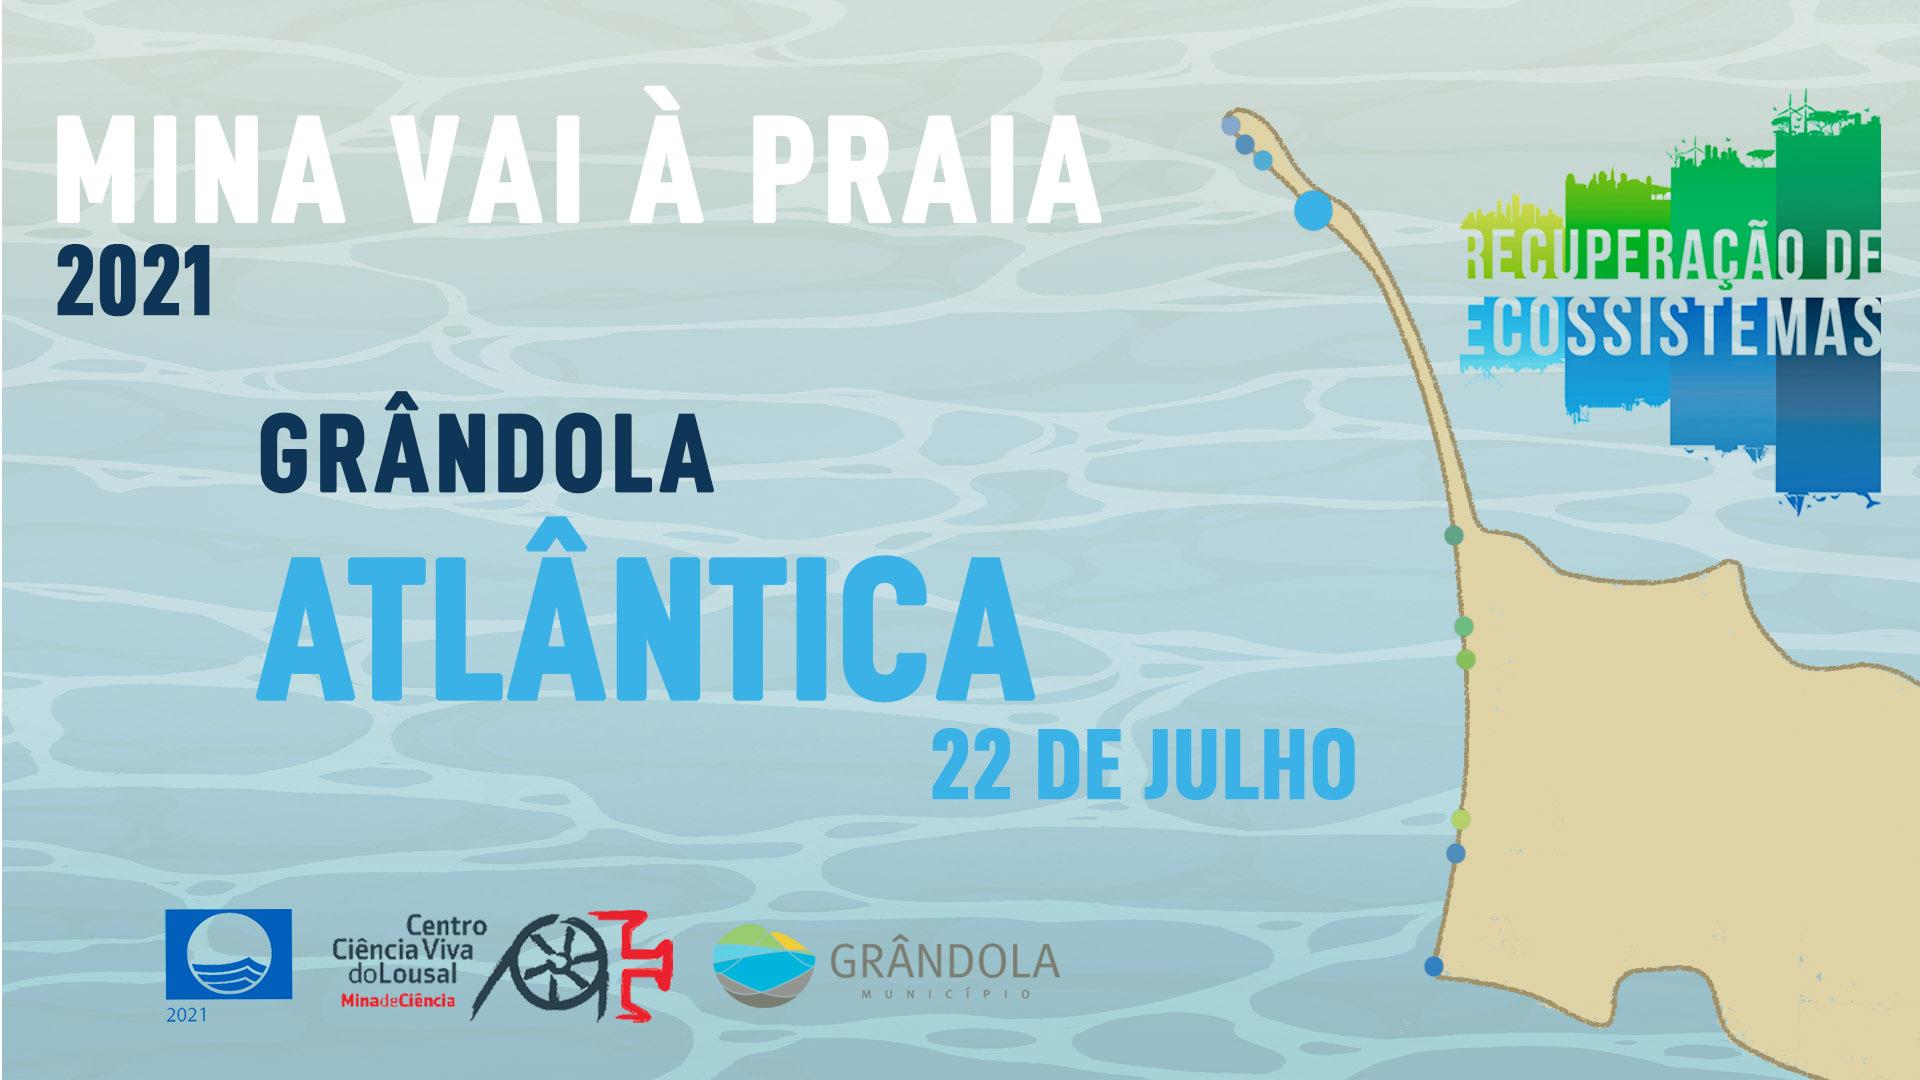 Mina vai à Praia - Atlântica